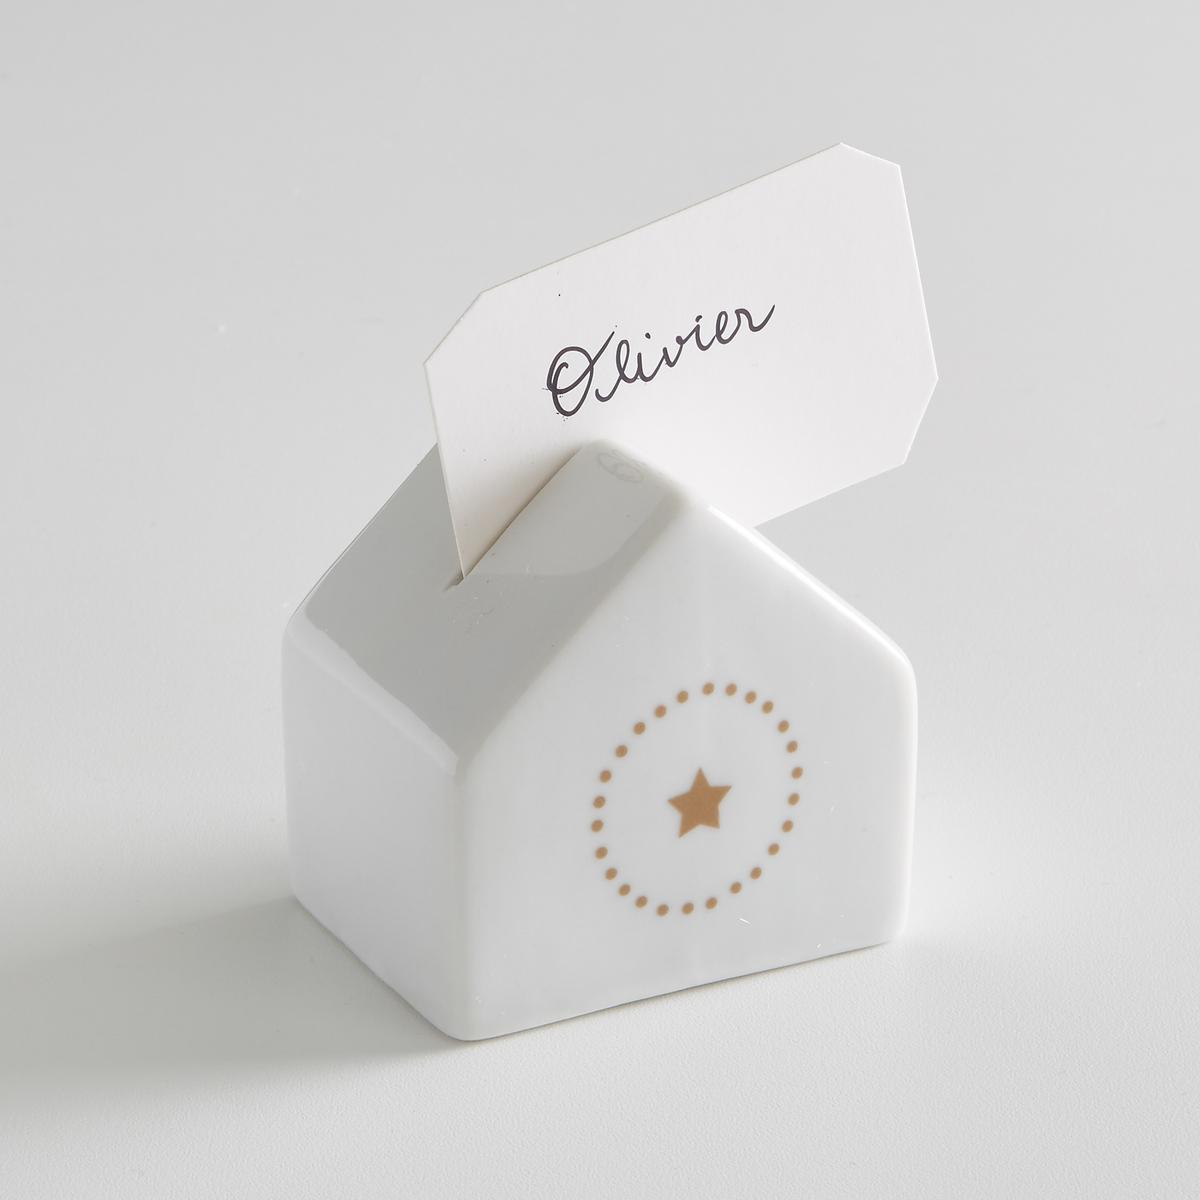 Комплект из 4 фарфоровых подставок для карточек, KUBLERОписание:Набор из 4 табличек белых La redoute Int?rieurs  . Благородный фарфор в сочетании с оригинальными рисунками создают невероятно модный столовый аксессуар. Рисунок звезда сбоку с принтом в горошек вокруг. Этикетка для вставки.Характеристики 4 именных табличек   : •  Комплект из 4 фарфоровых подставок для карточек •  Размер : 6 x 4,5 x 6,2 см •  В комплекте 4 подставкиНайдите всю коллекцию Kubler на нашем сайте laredoute.ru<br><br>Цвет: белый<br>Размер: единый размер